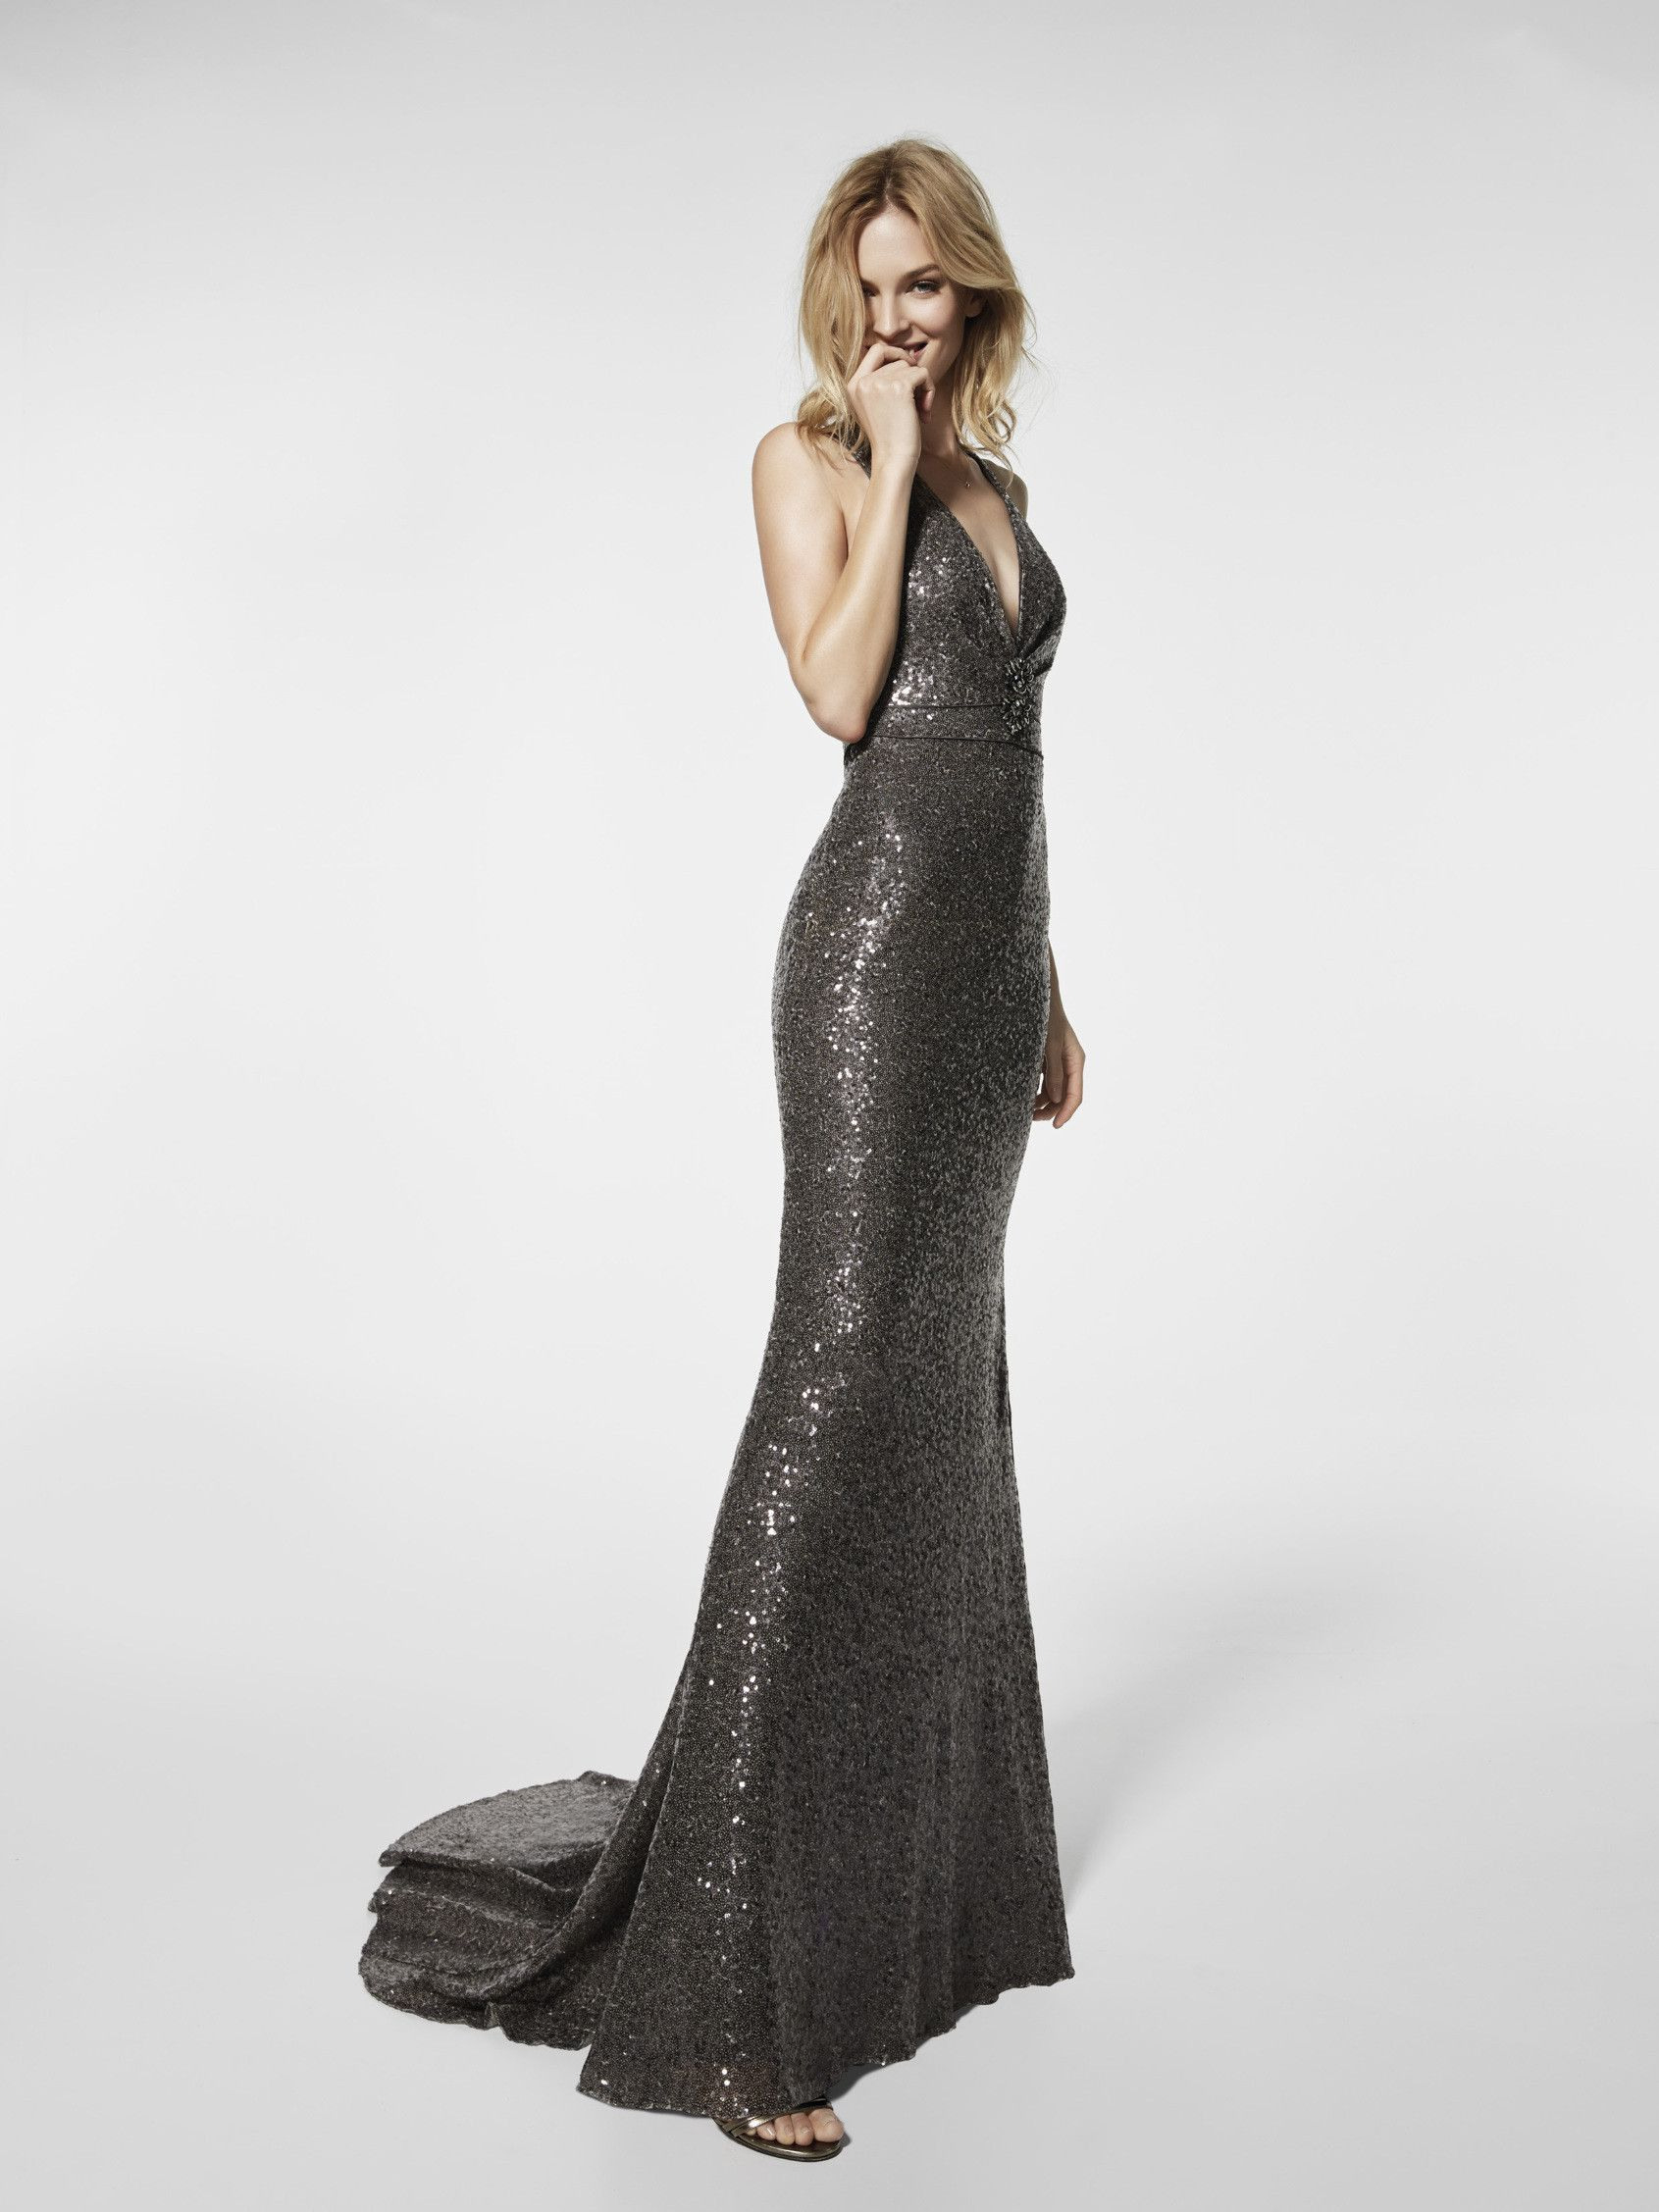 Erstaunlich Abendkleid Grau Stylish10 Einfach Abendkleid Grau Stylish